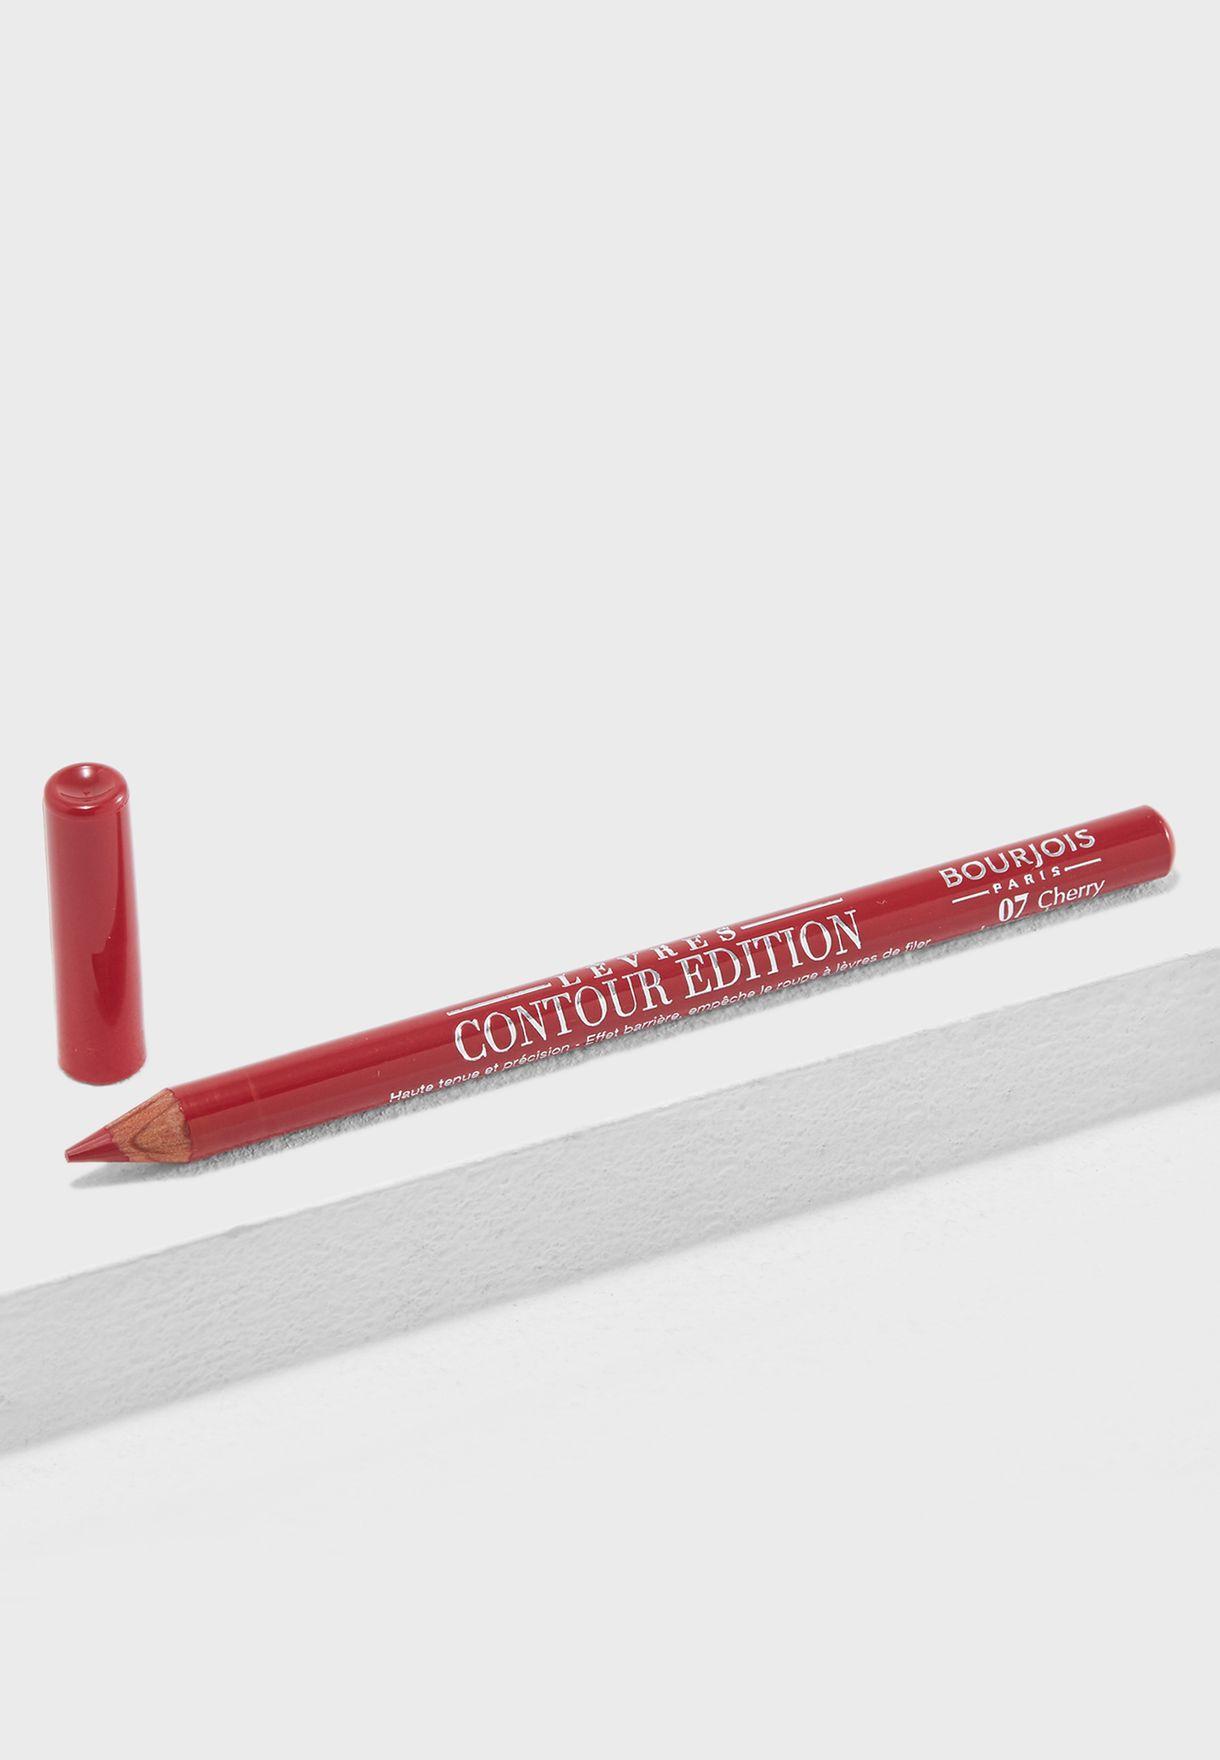 قلم لتحديد الشفاه - 07 شيري بوم بوم